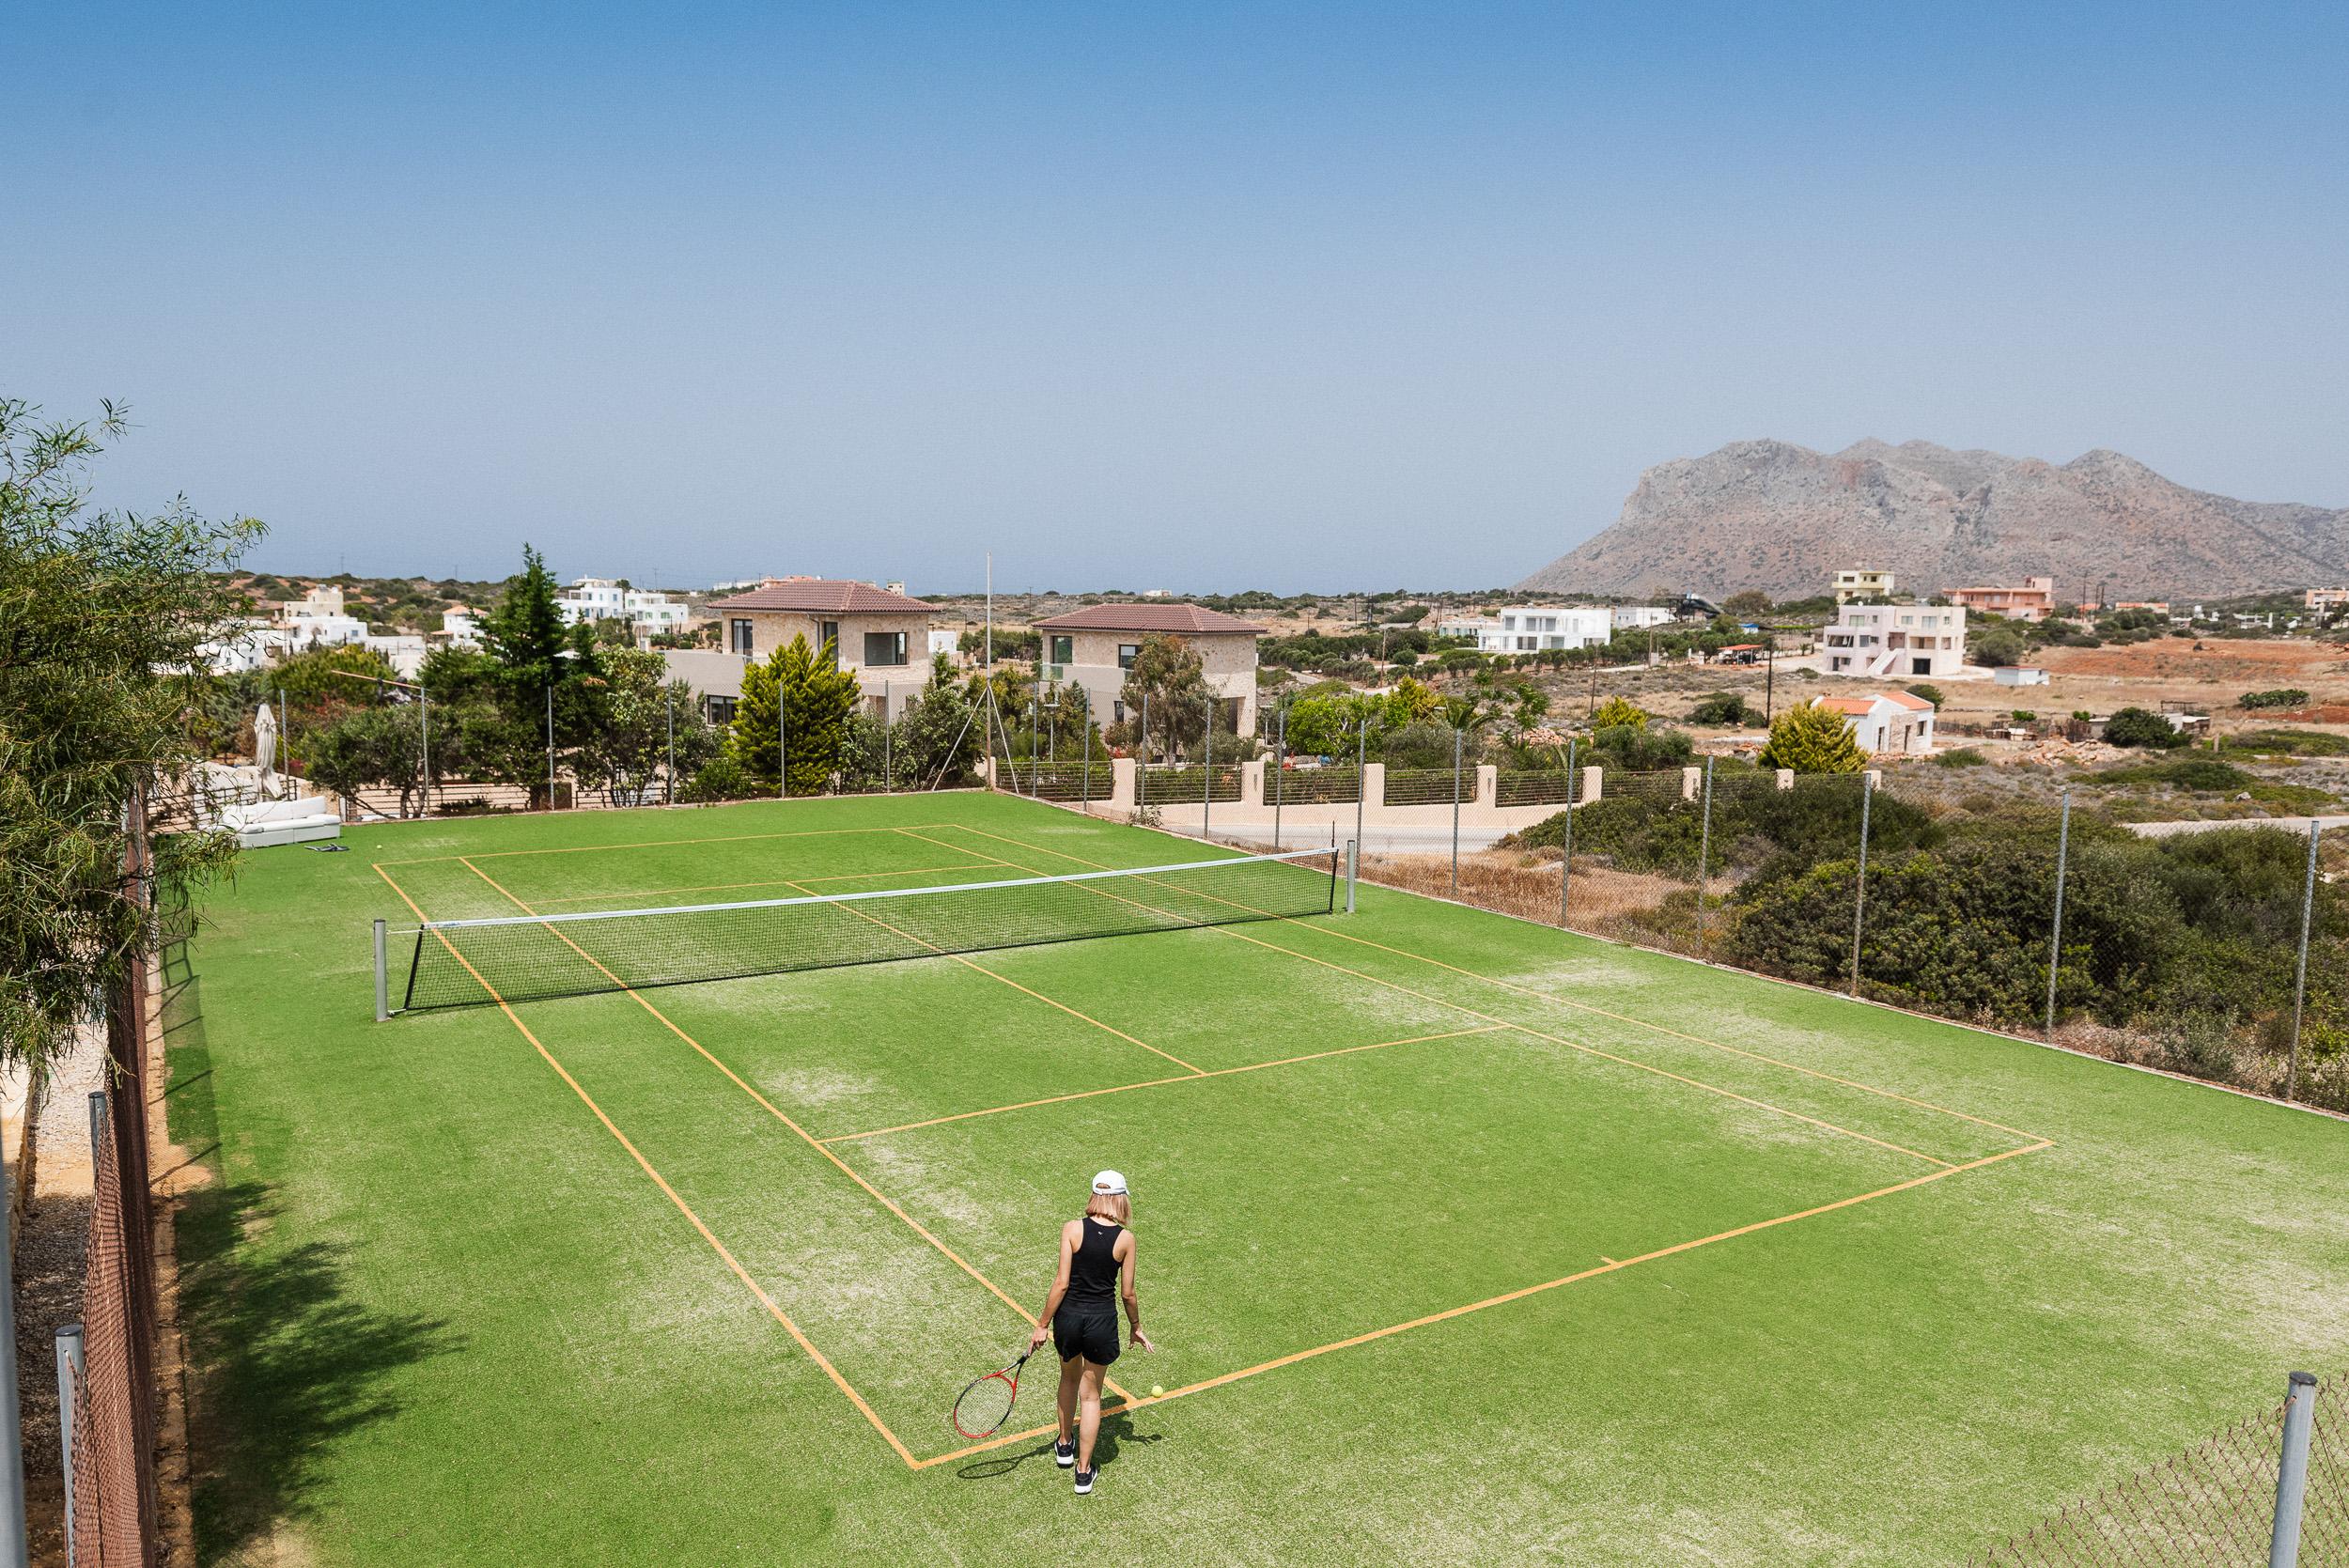 hotel for sale in crete akrotiri tennis court